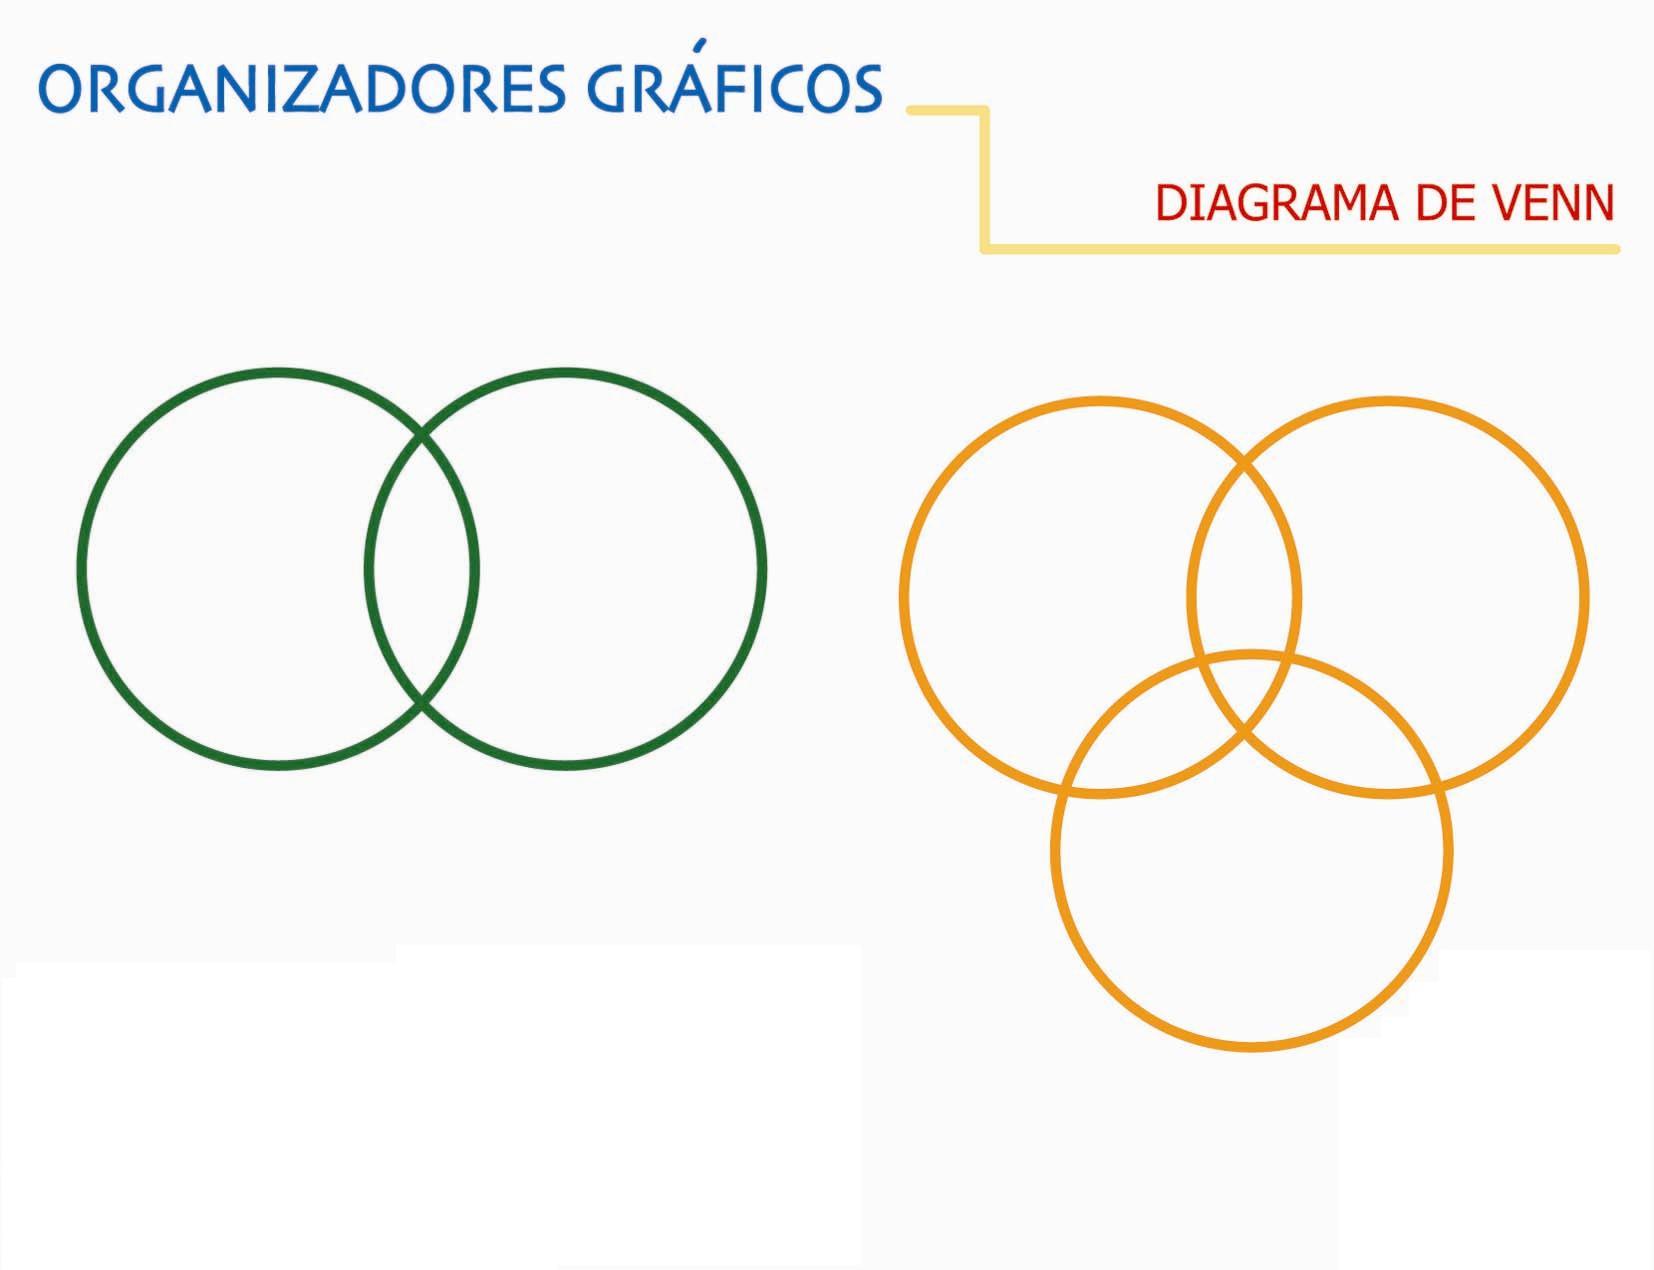 Diagrama venn pearltrees diagrama venn ccuart Gallery